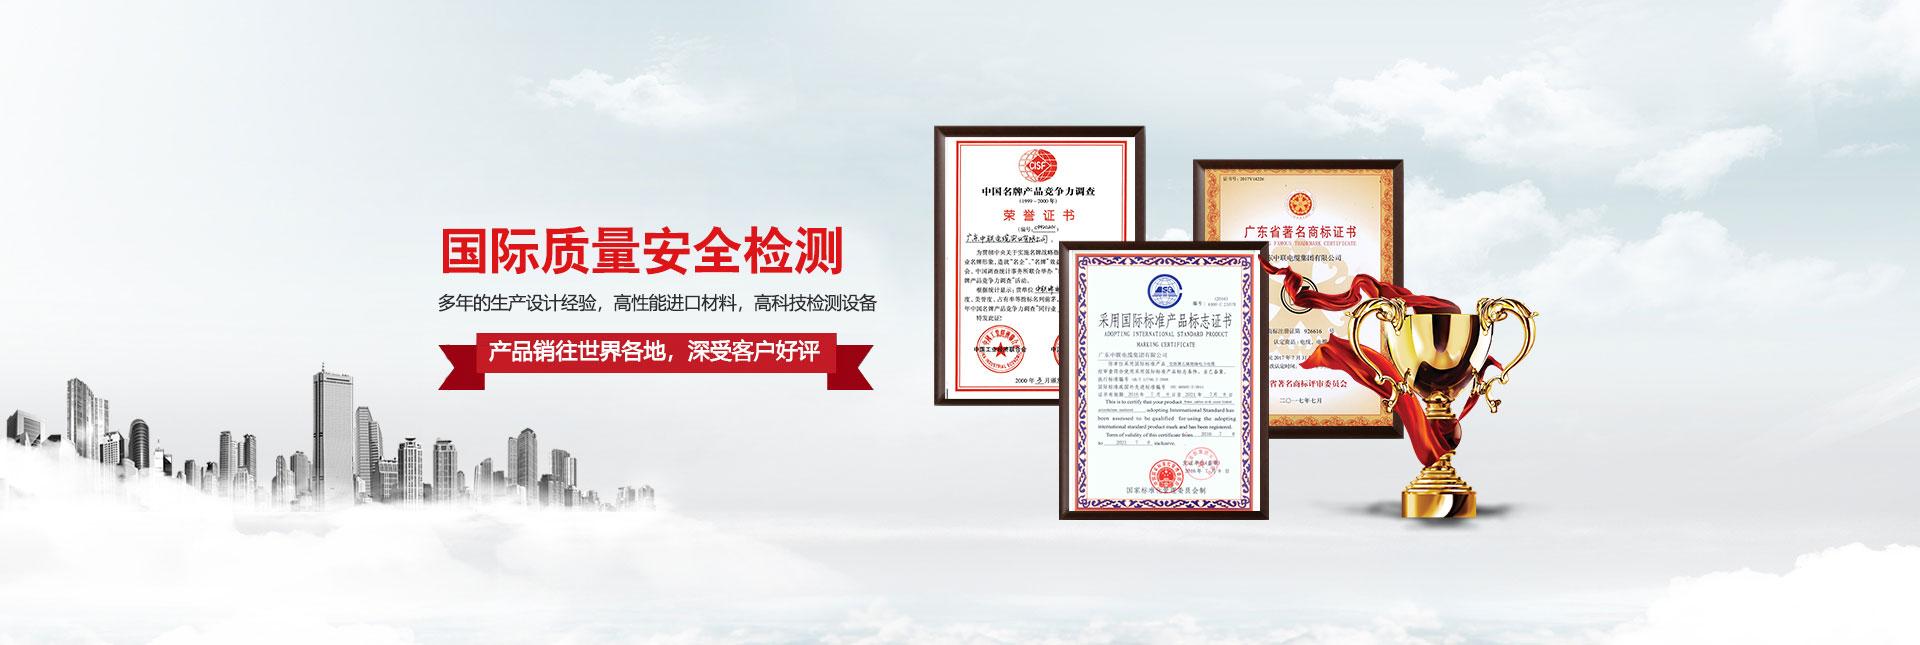 中联电缆国际认证_广东中联电缆集团有限公司_广东名牌电缆电缆厂家